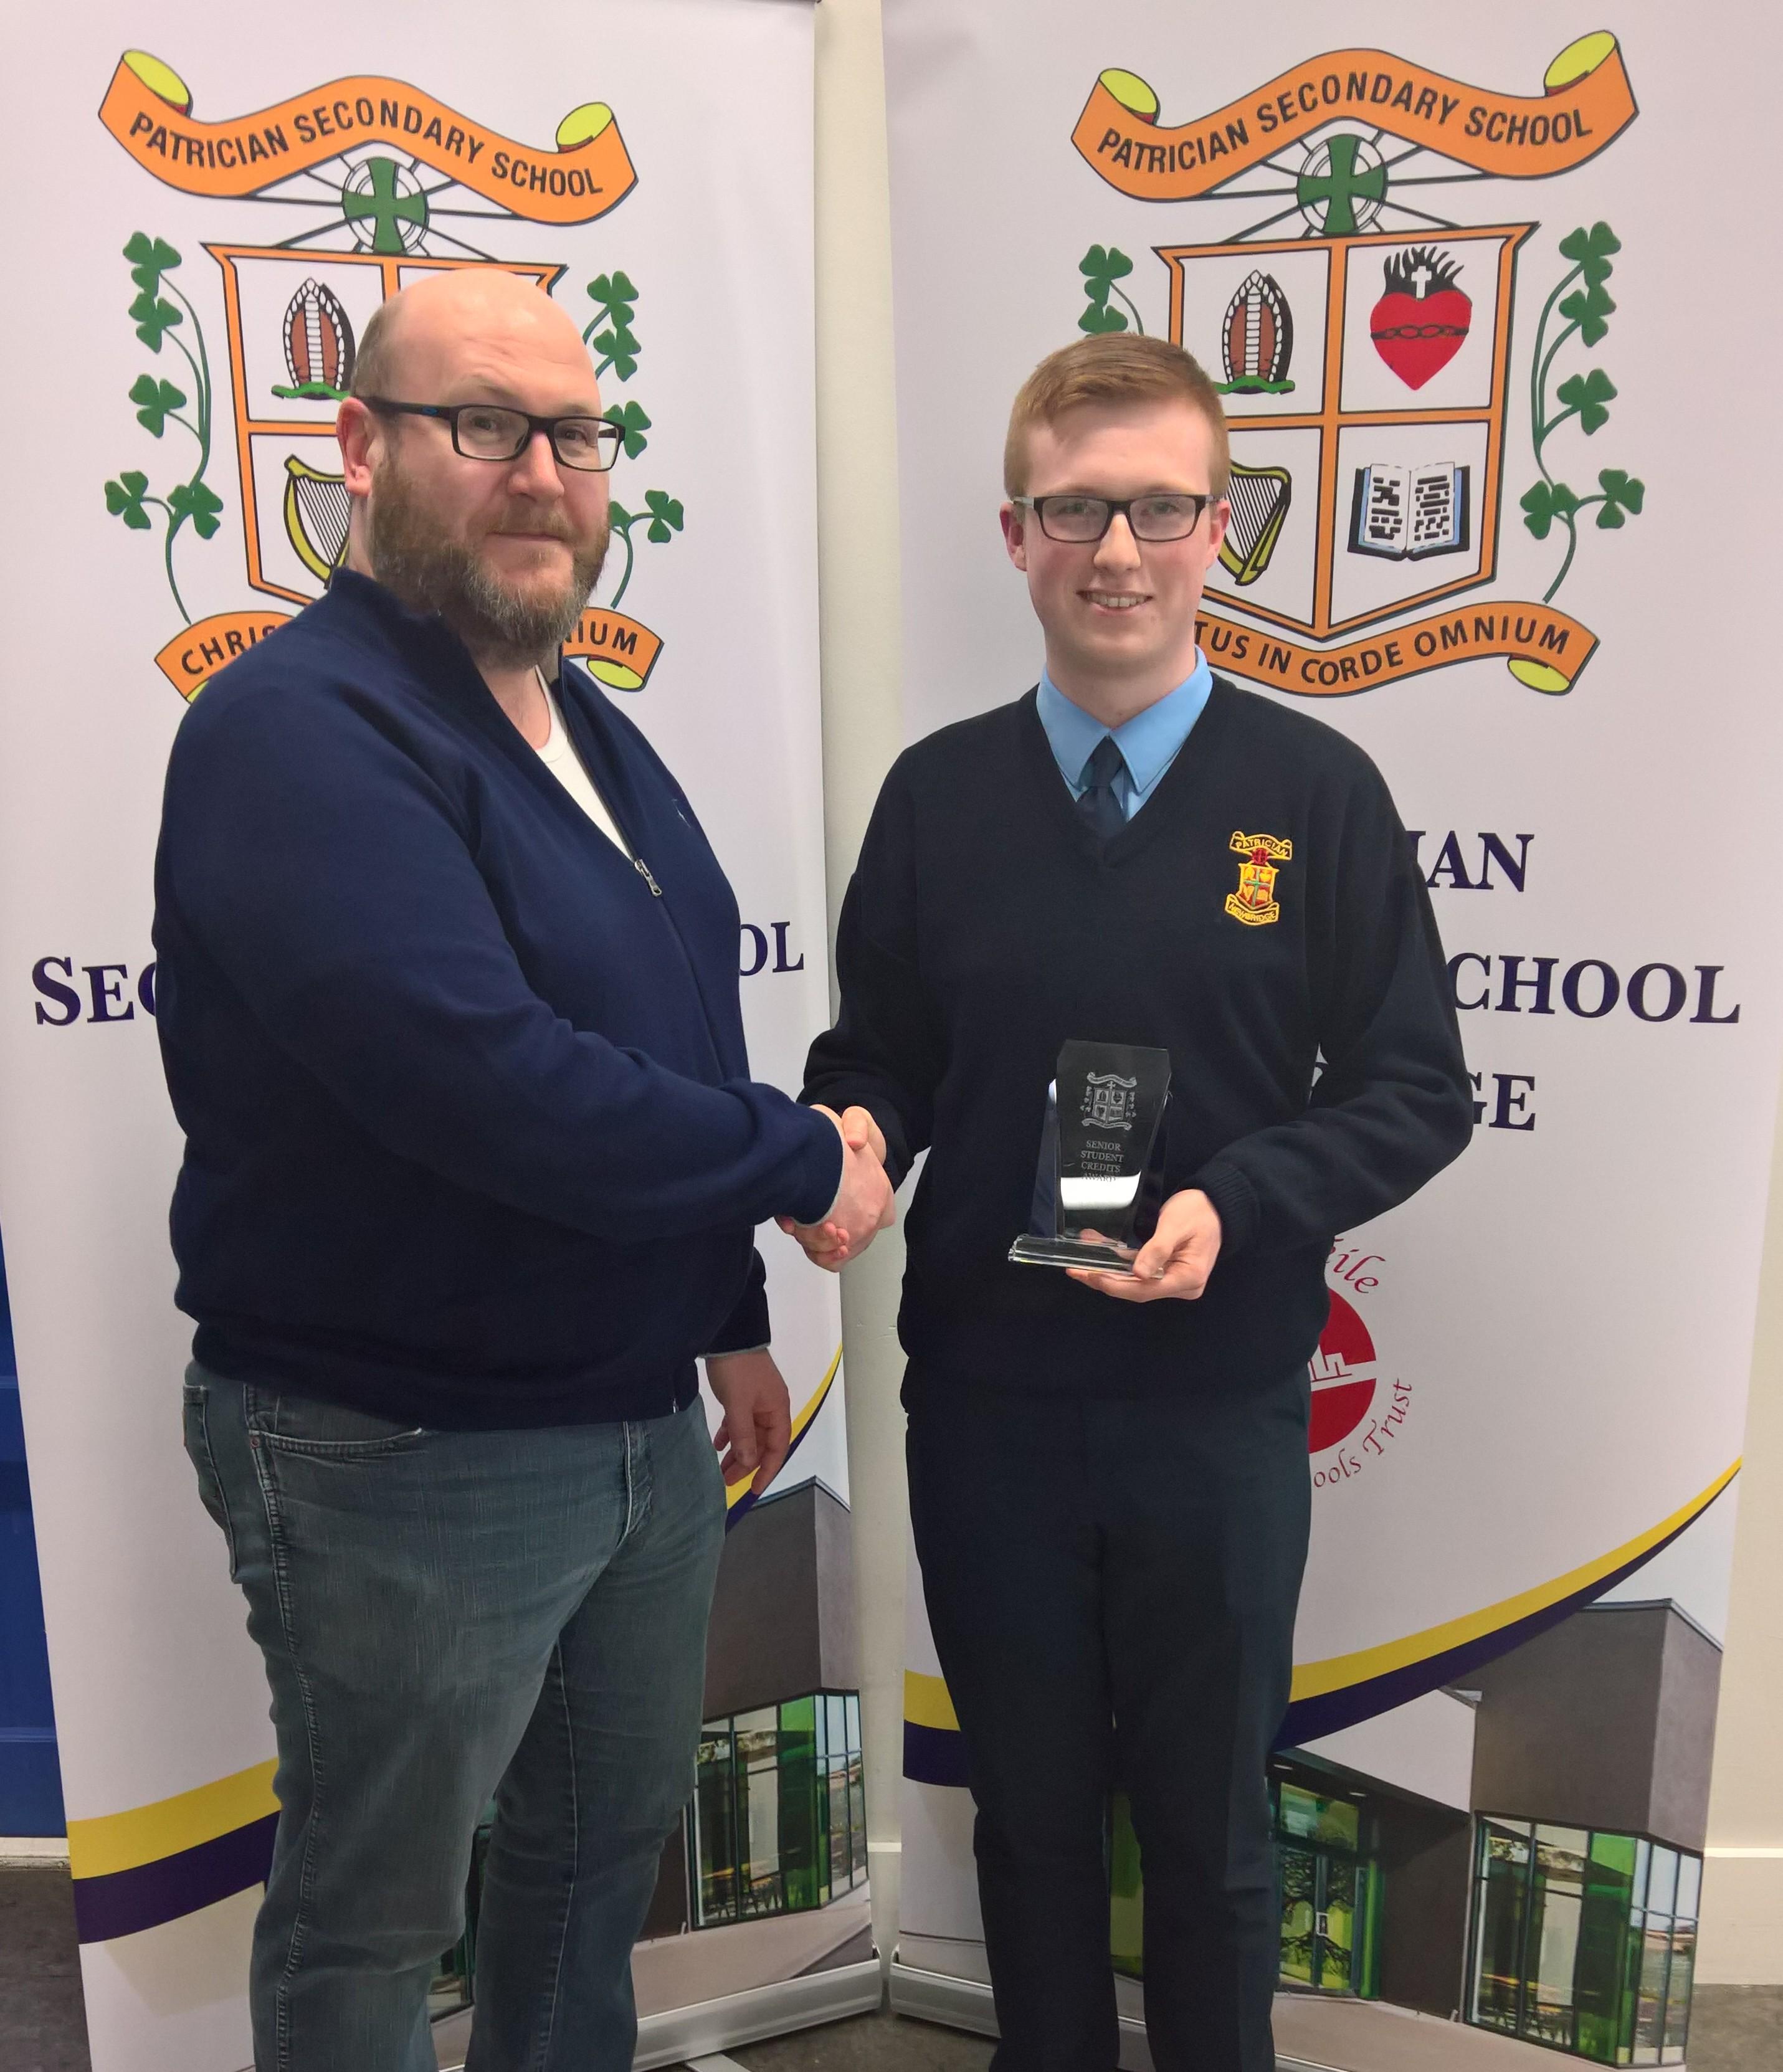 Parents' Association award winner Sean Murphy (3B) with Peter Gosnell